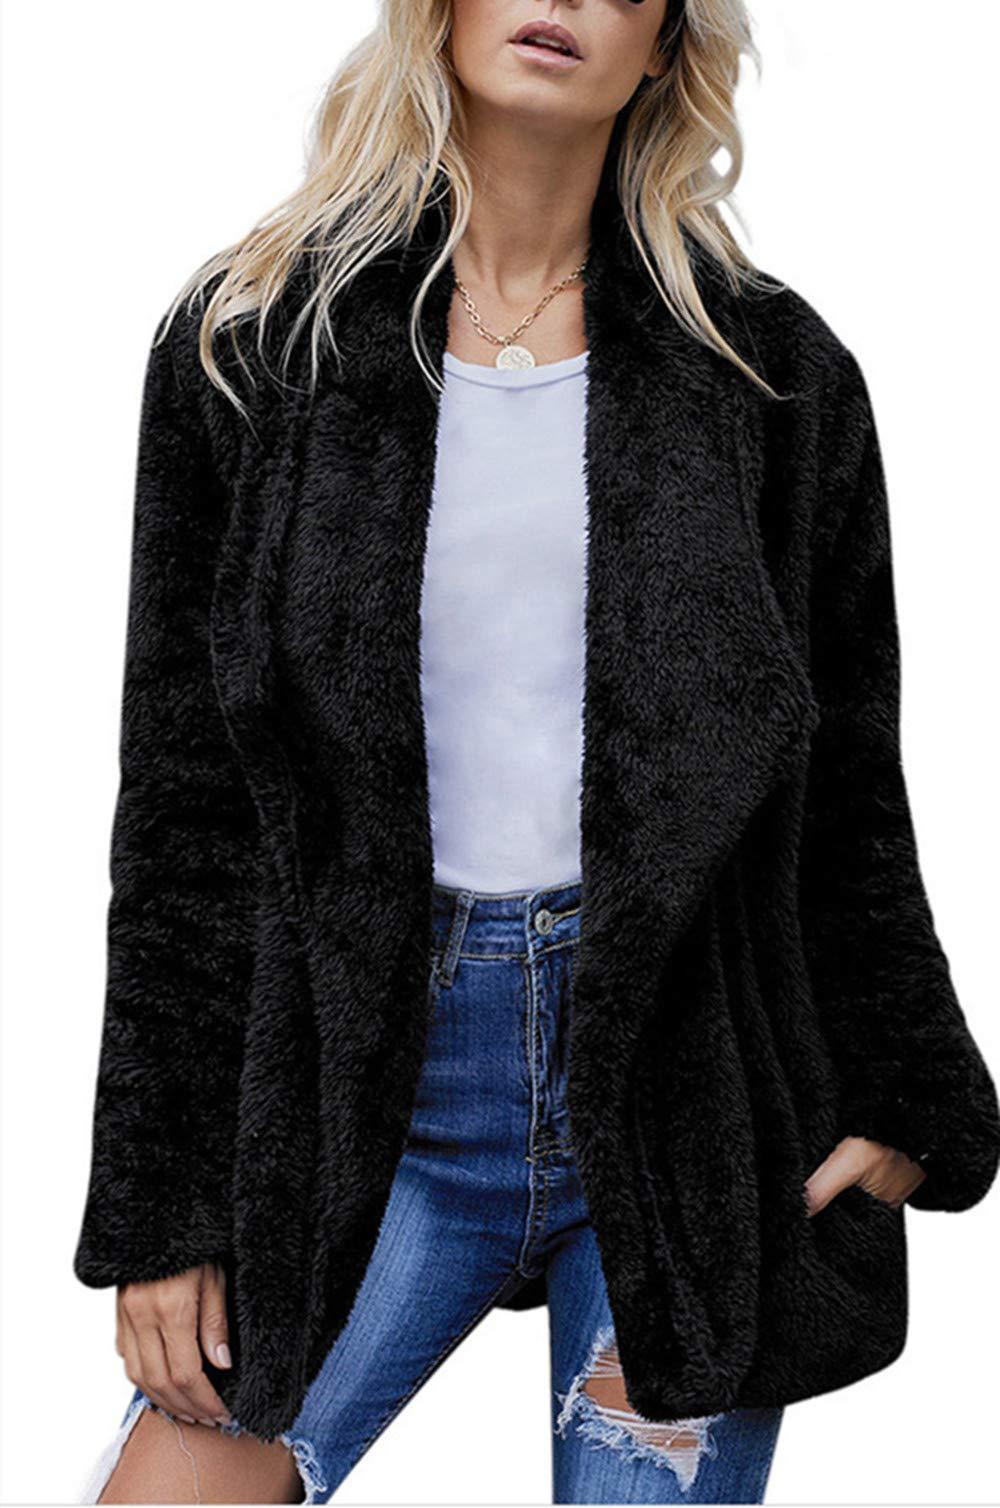 Kelove Women's Winter Oversized Thick Warm Fluffy Fleece Open Front Coat Outwear with Pockets,Casual Sherpa Jacket Black by Kelove